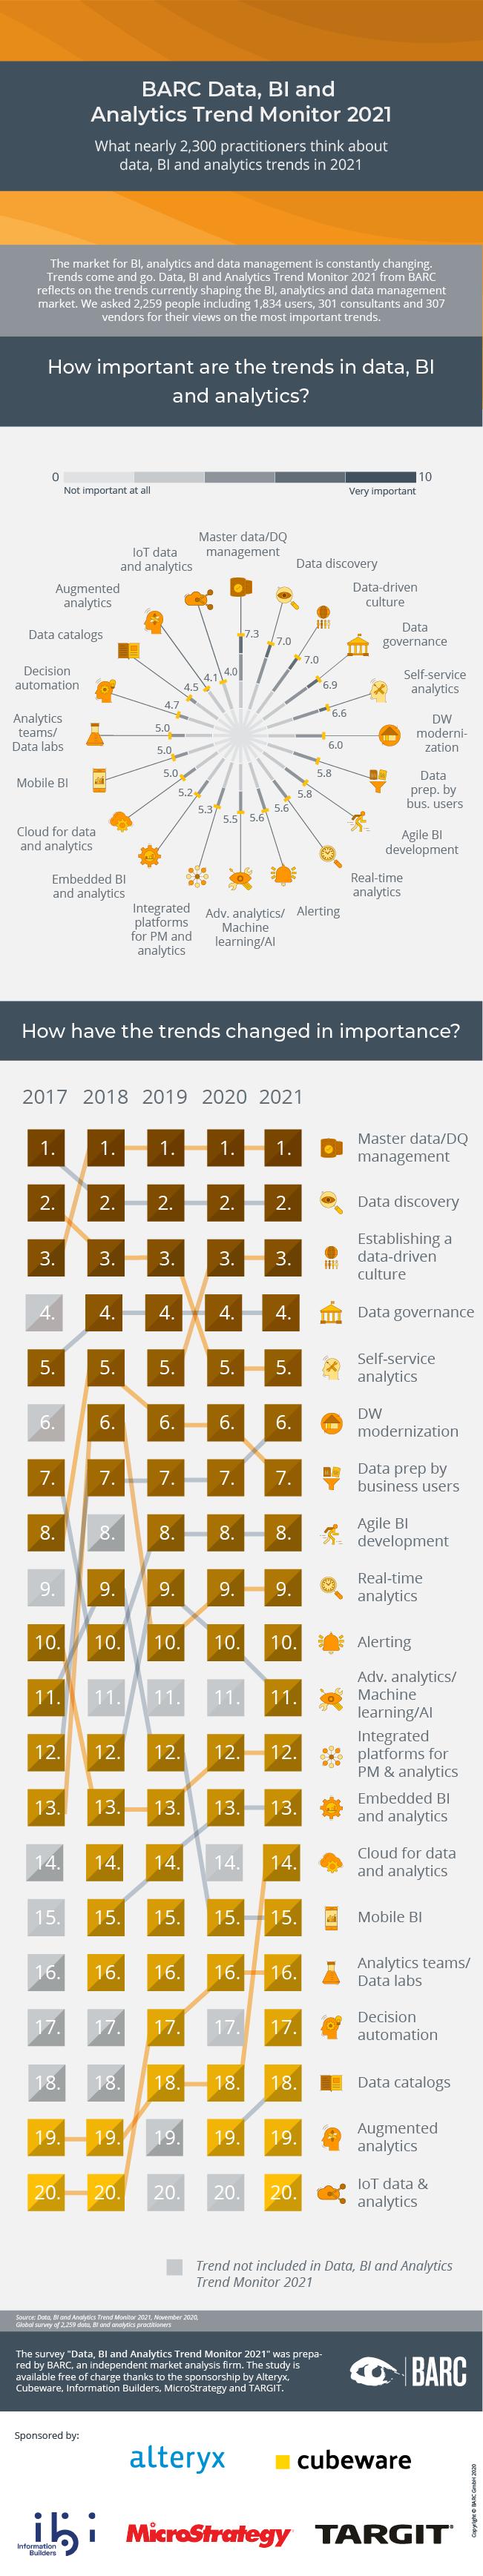 Data, BI & Analytics Trend Monitor 2021 infographic